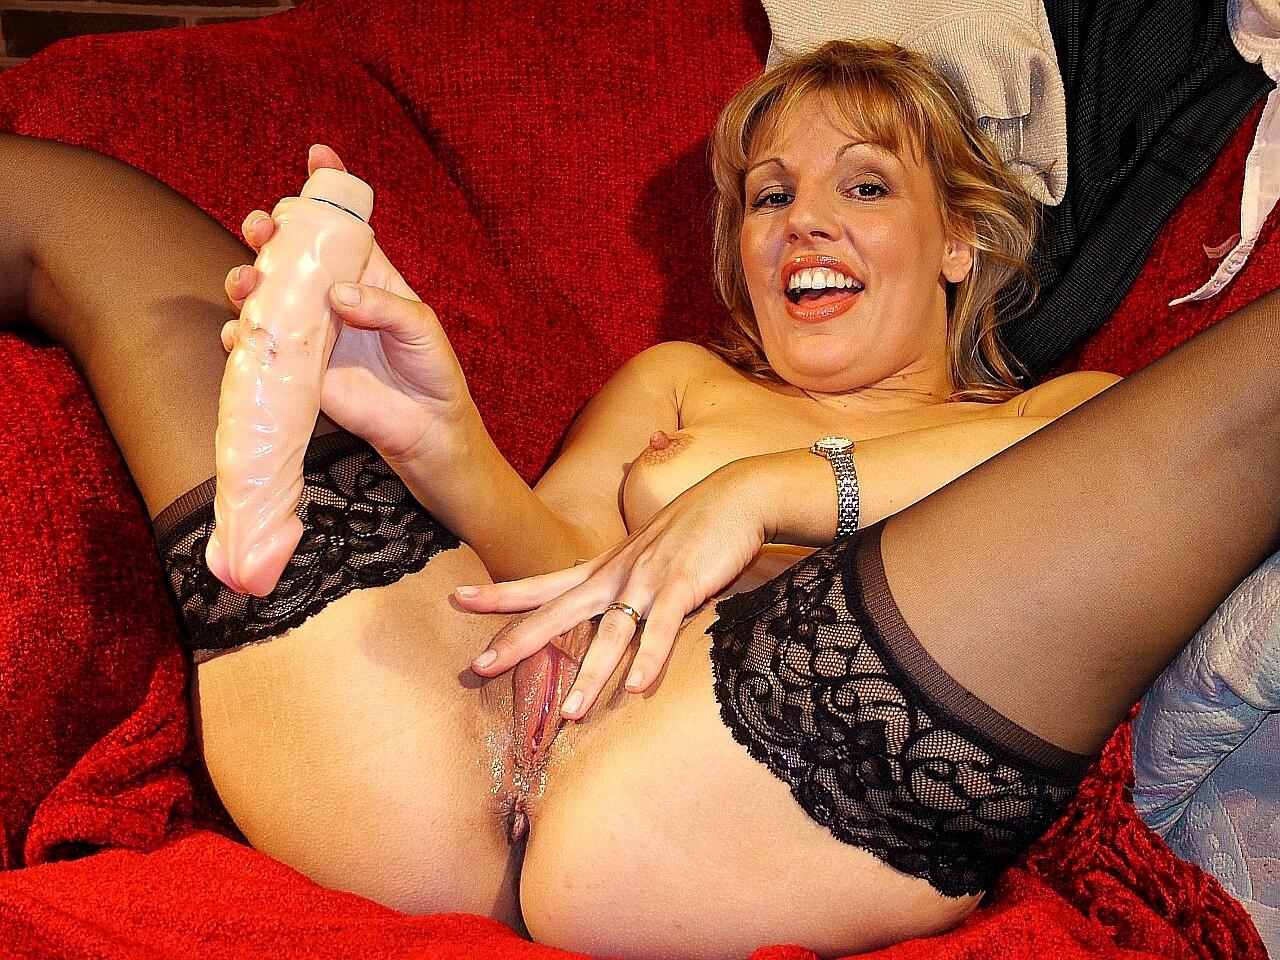 Ukpussytalk danielle mannaken actiongirl femdom icon xxx porn pics